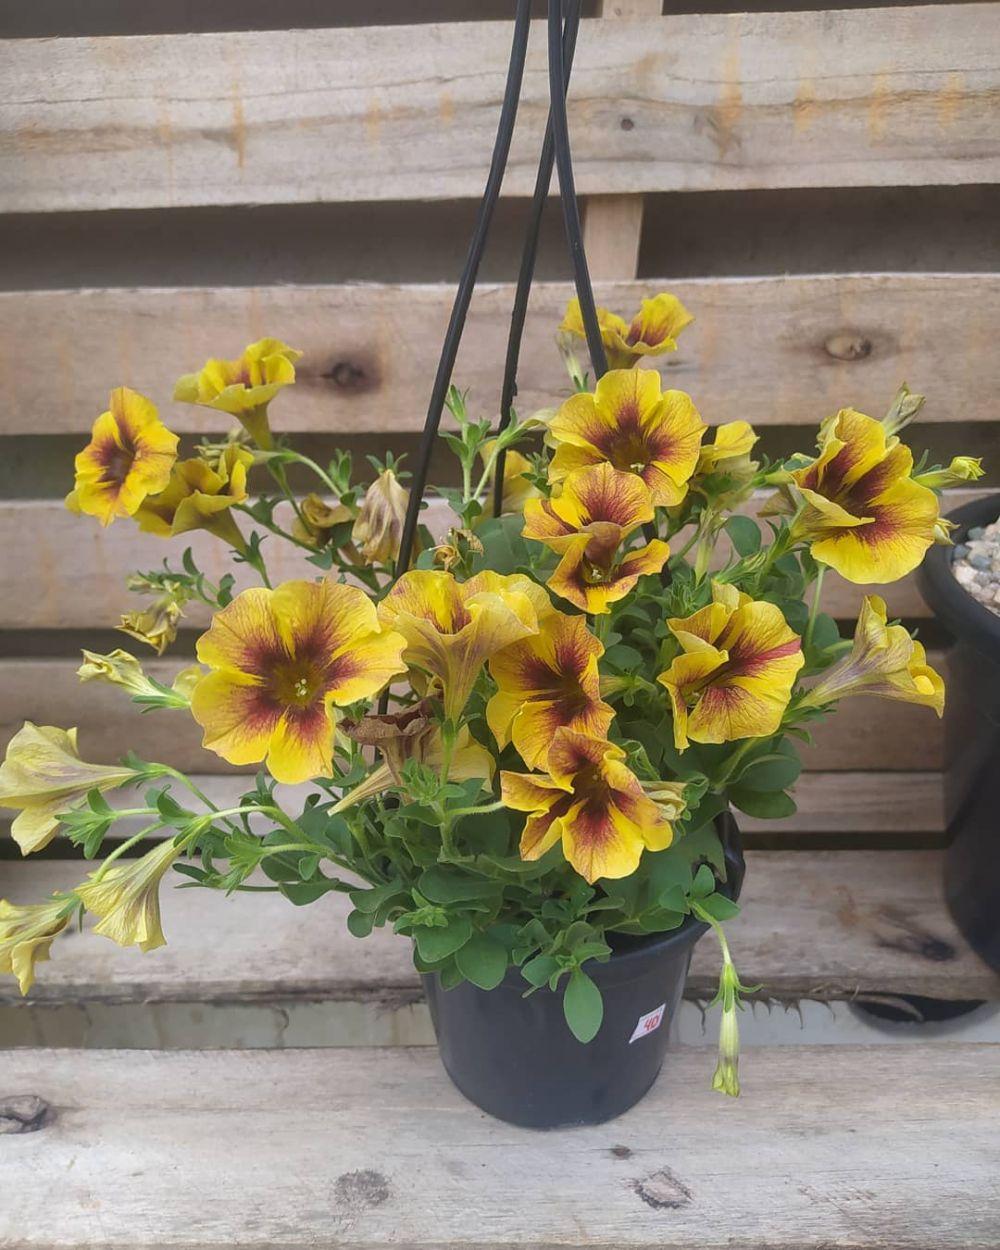 tanaman hias gantung bunga ©Instagram